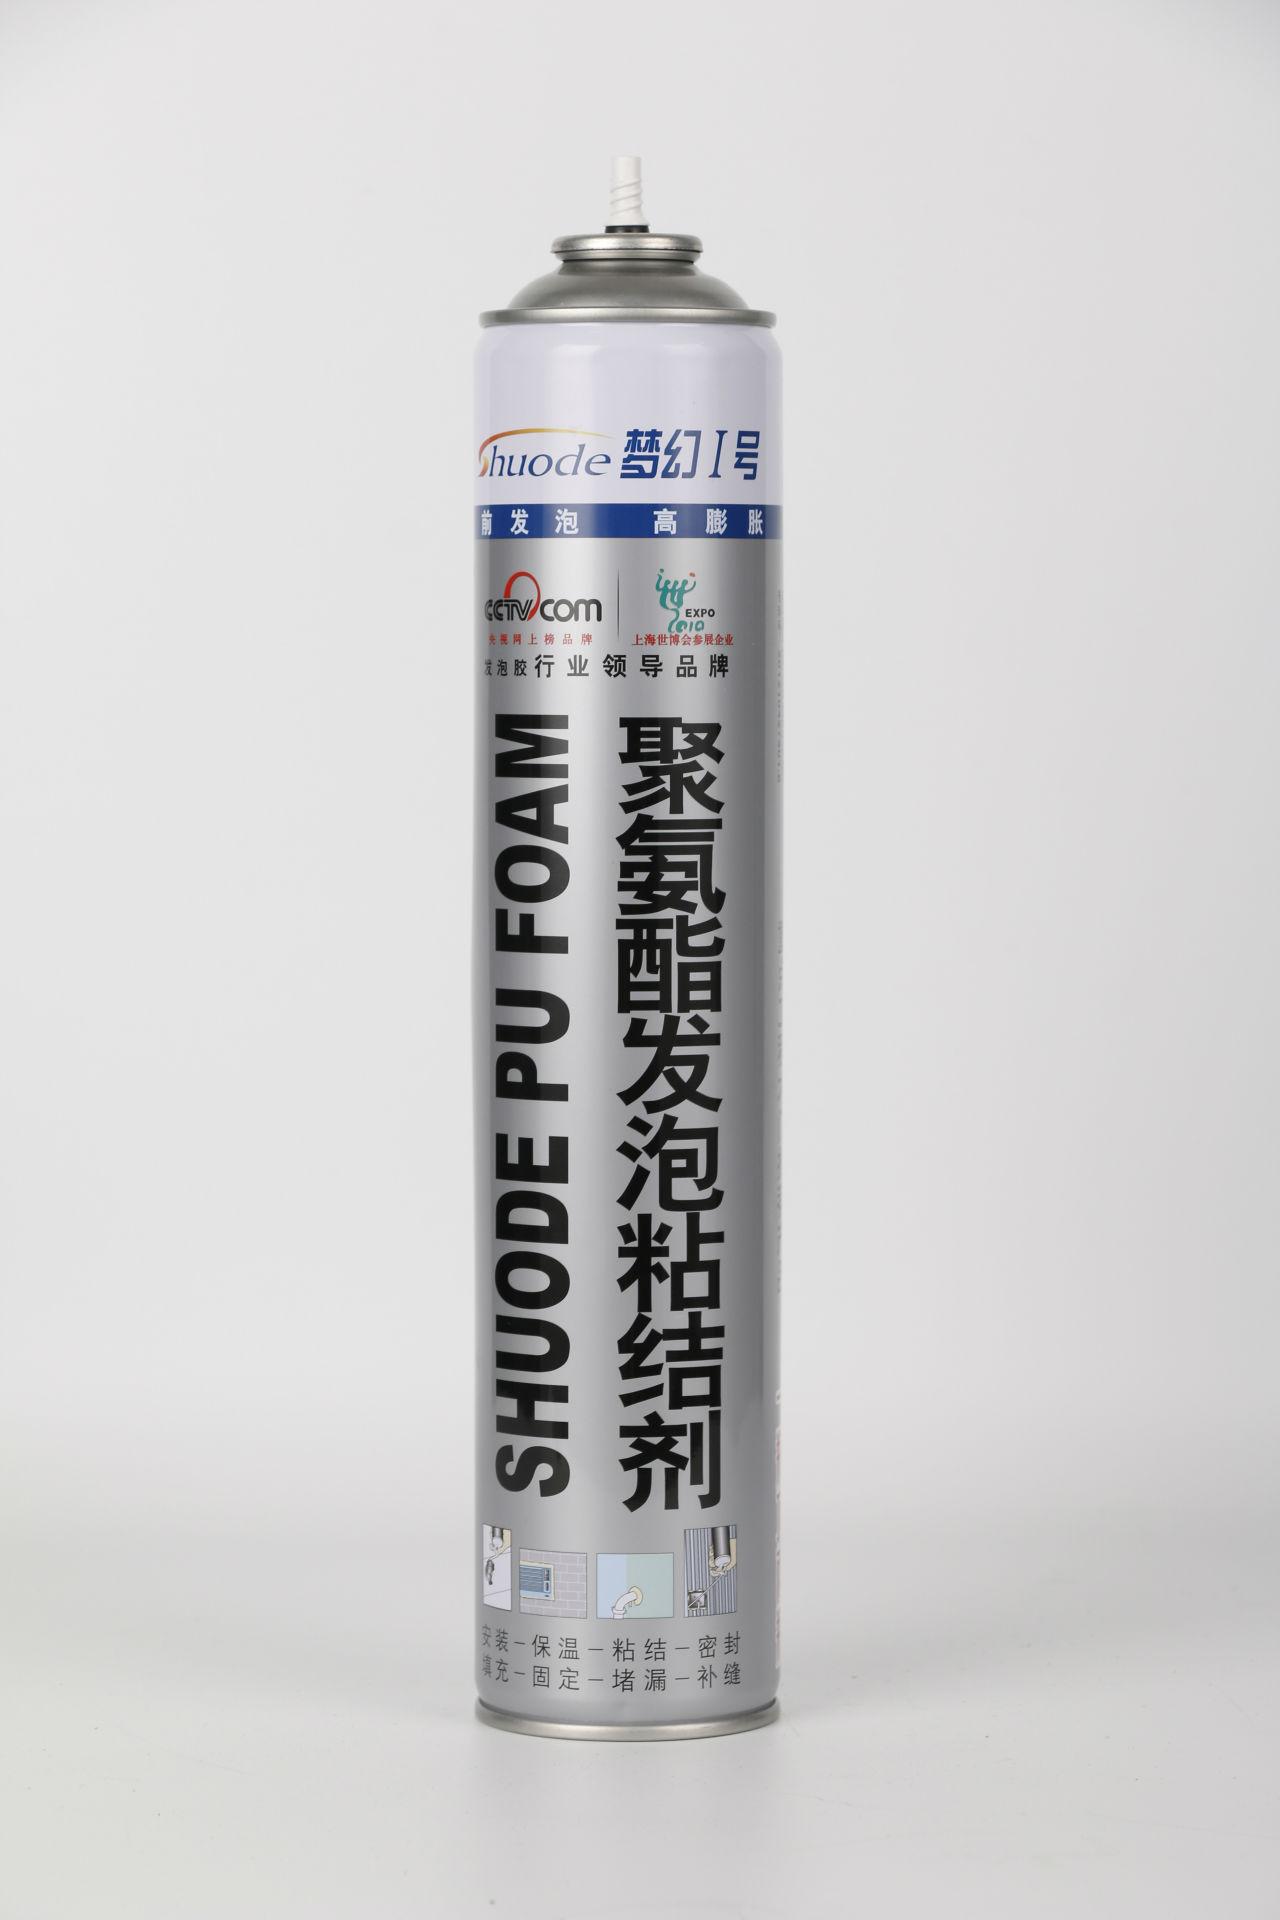 聚氨酯发泡胶哪家好-上海市地区合格的聚氨酯发泡胶